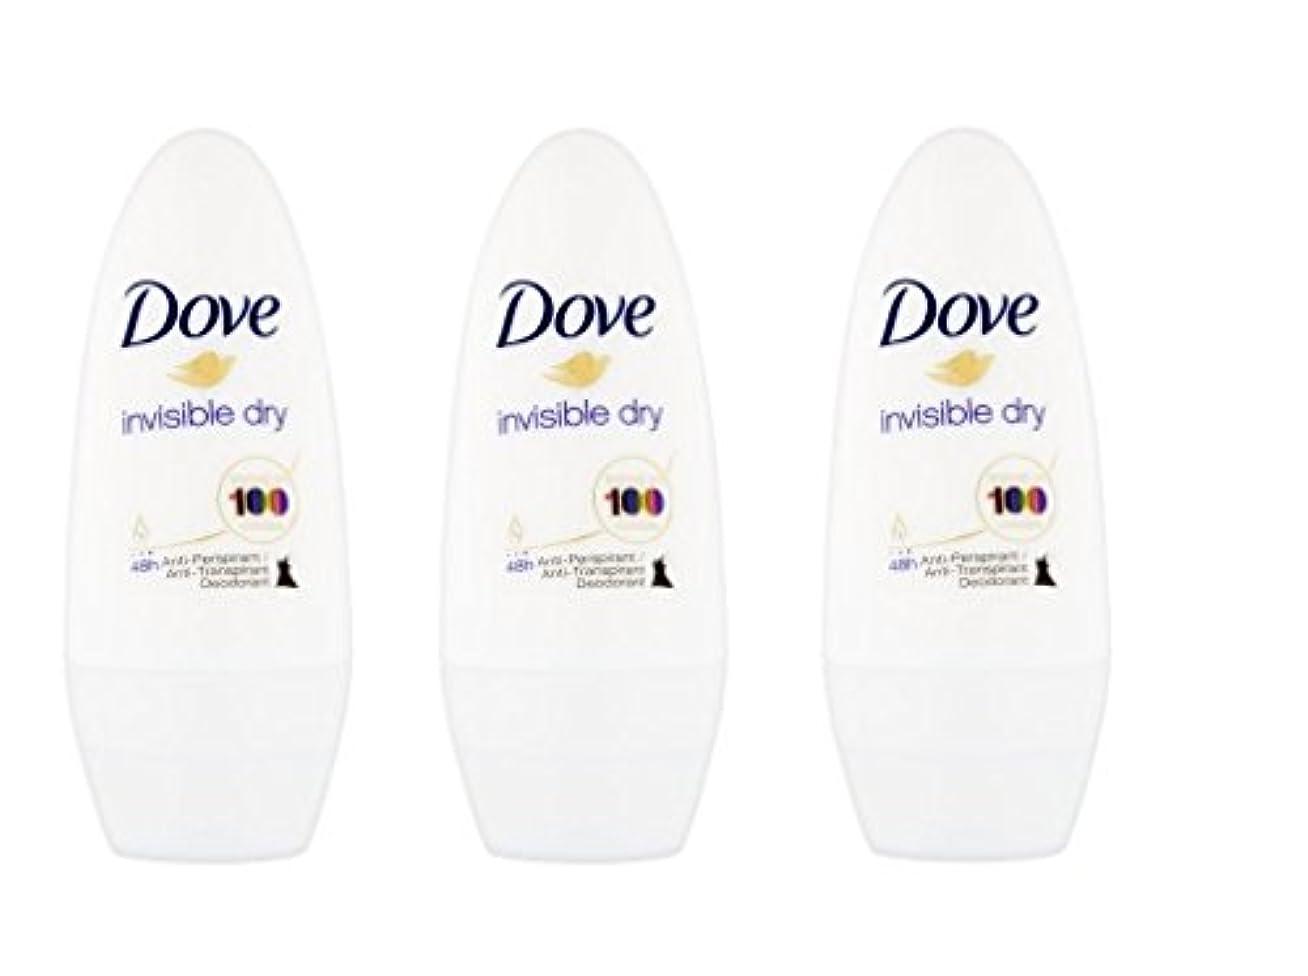 定義操縦する一般Dove Invisible Dry 48 Hs Anti-perspirant Roll-on Deodorant. 50 Ml. (Pack of 3) by Dove [並行輸入品]